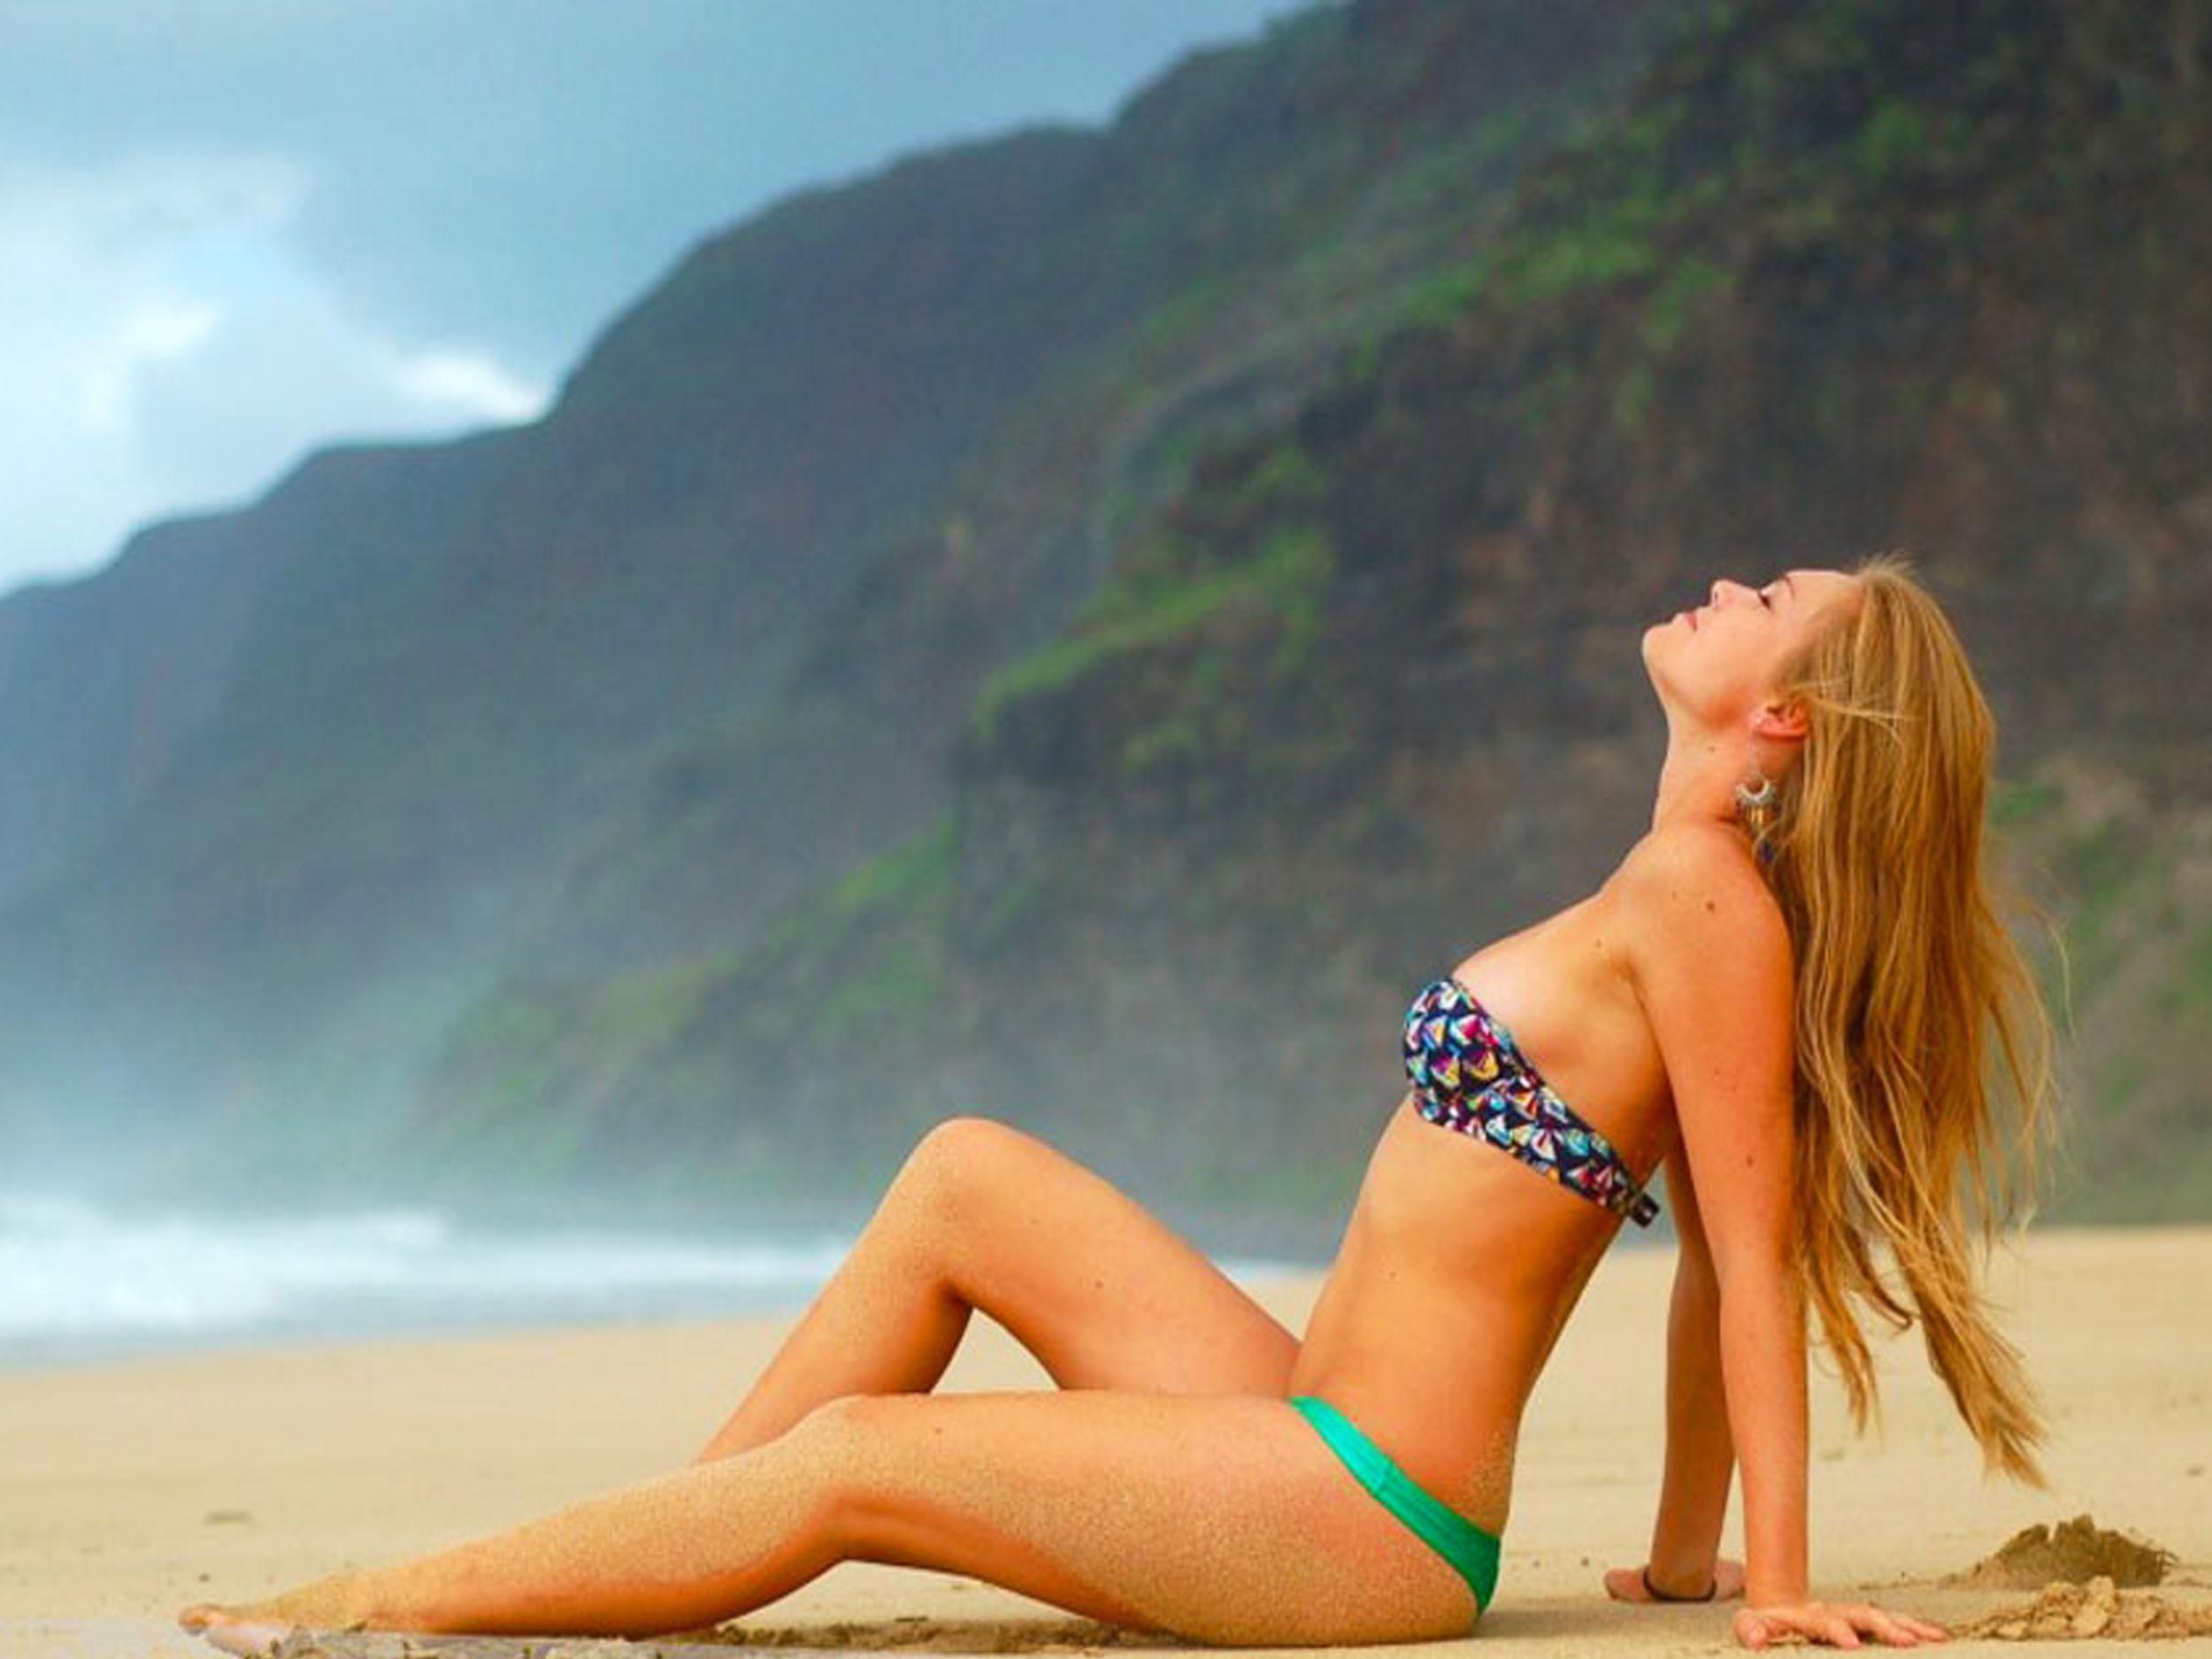 Фото девушек в купальнике на пляже 15 фотография